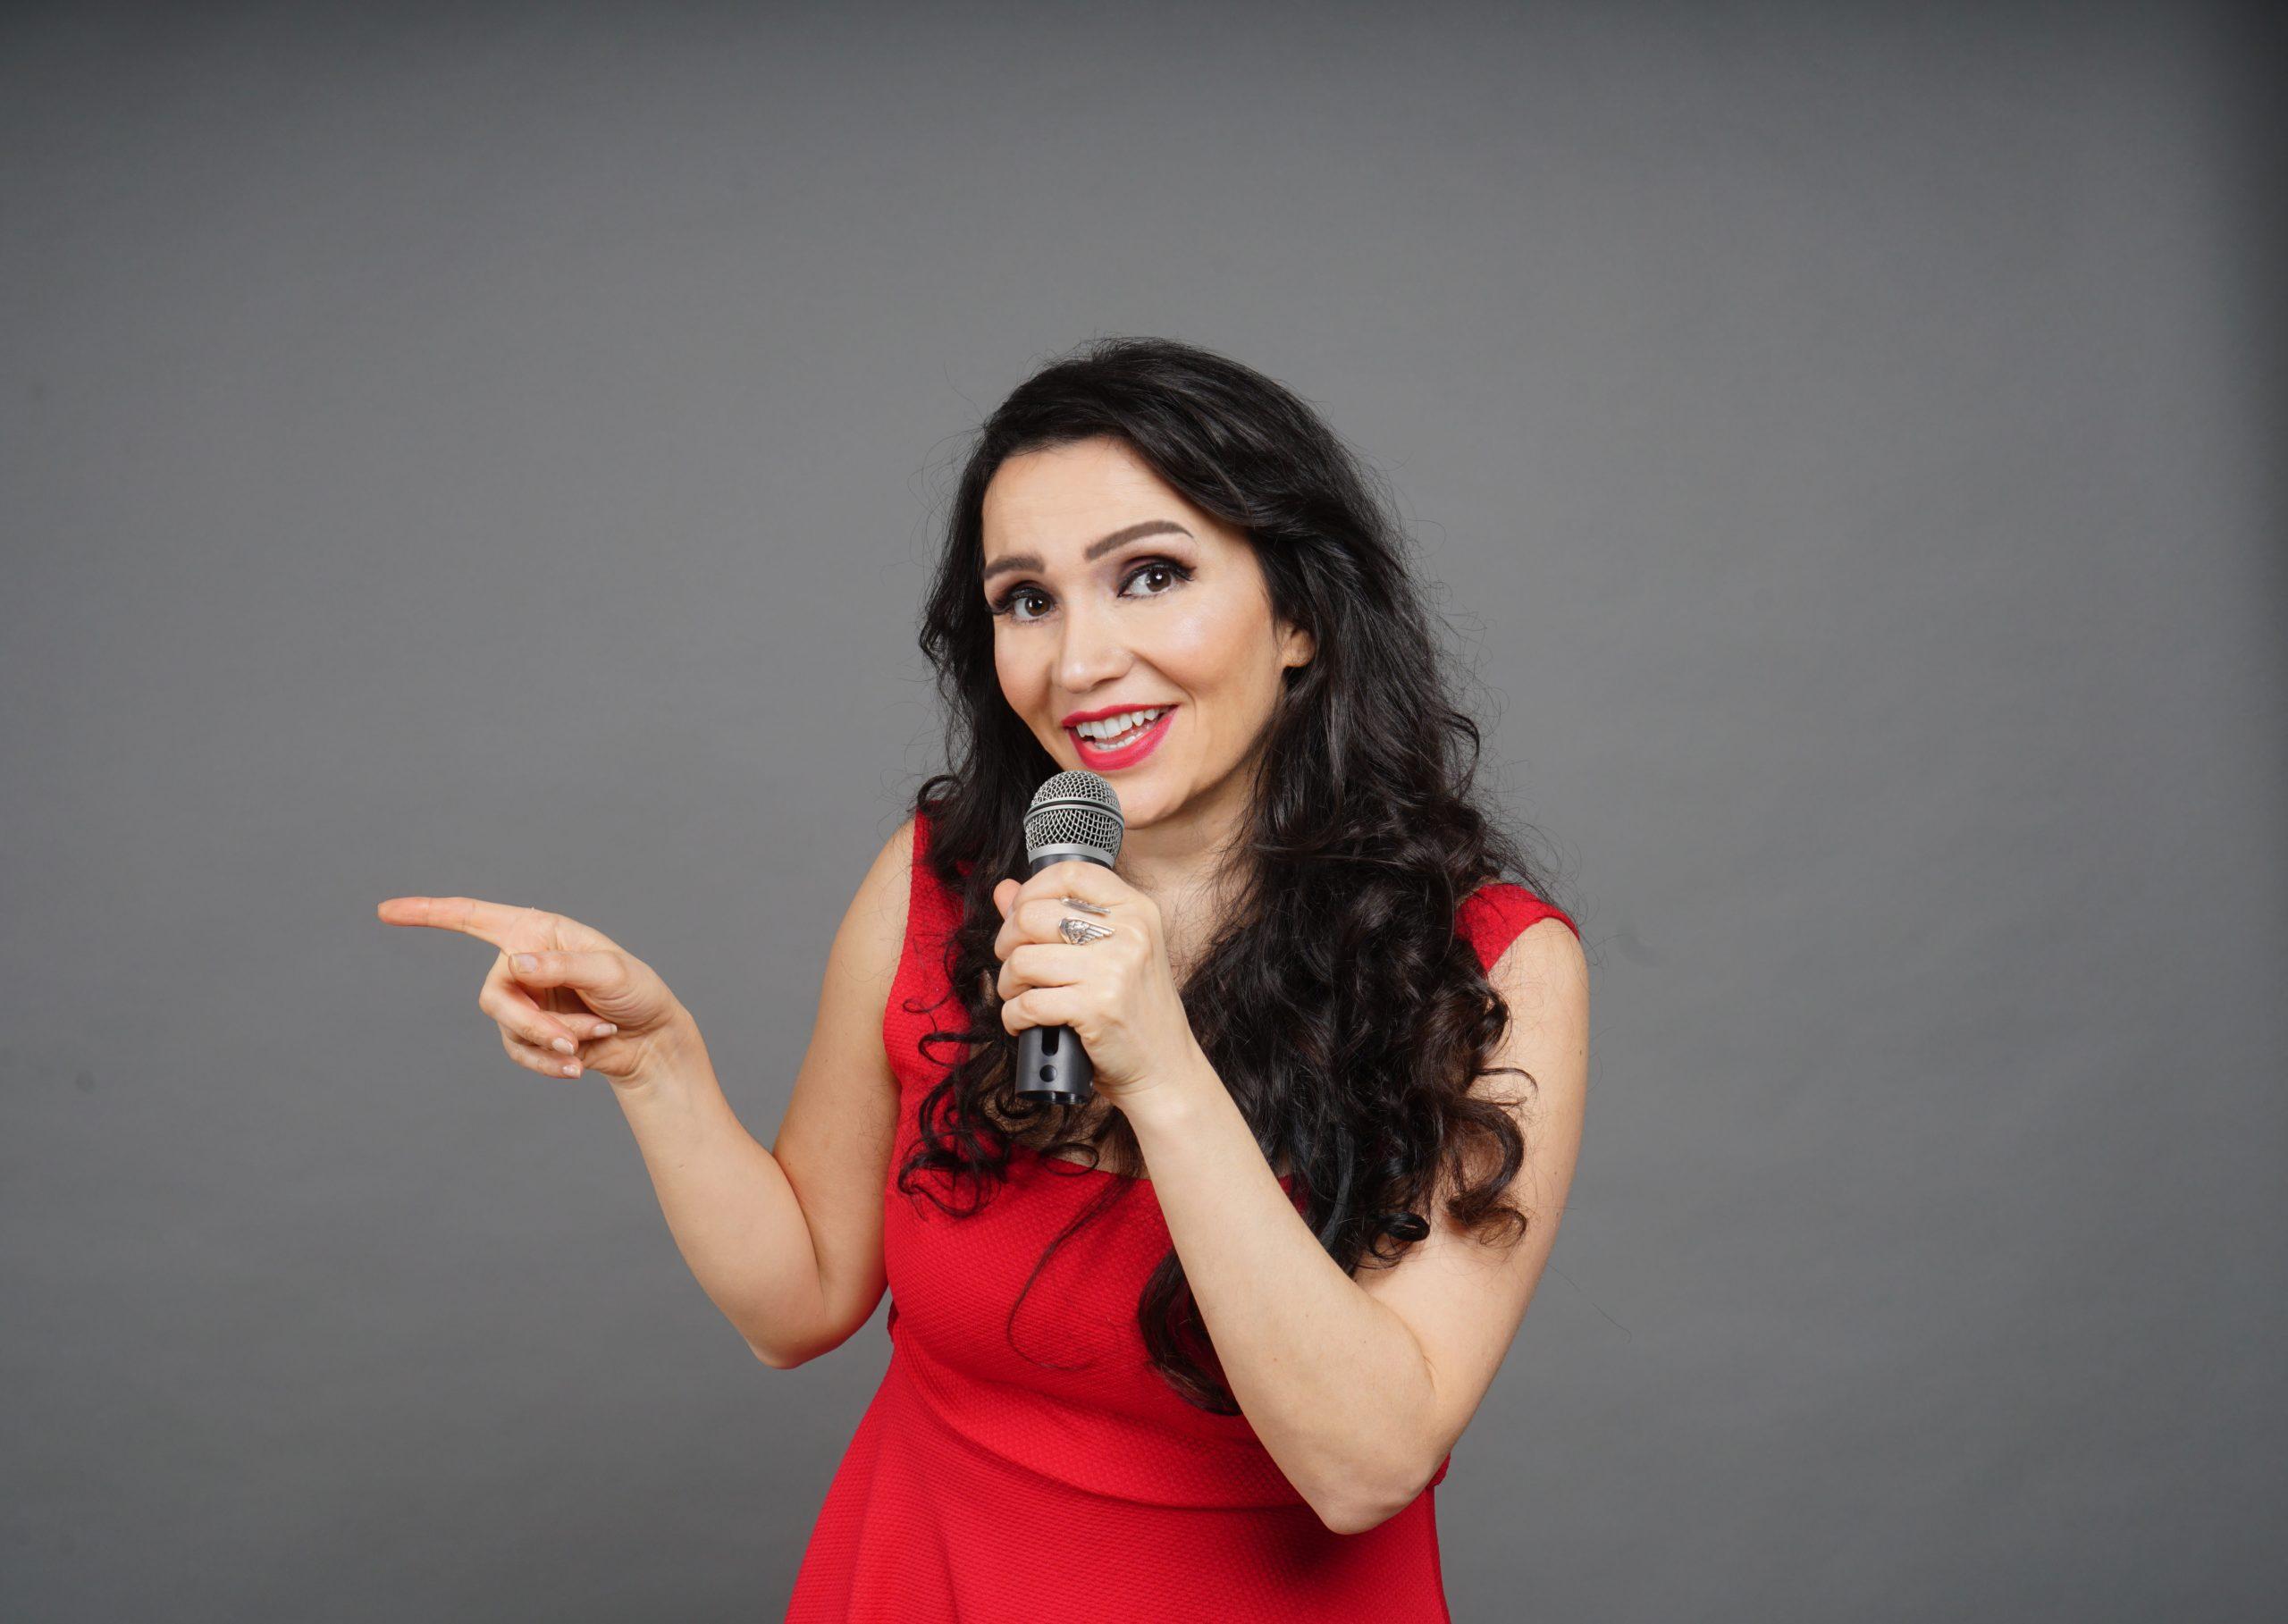 """""""Drama Türkin"""" nennt Comedian Senay Duzcu ihr neues Programm. Am 29. Oktober ist sie zu Gast im Kulturraum """"die Flora""""."""